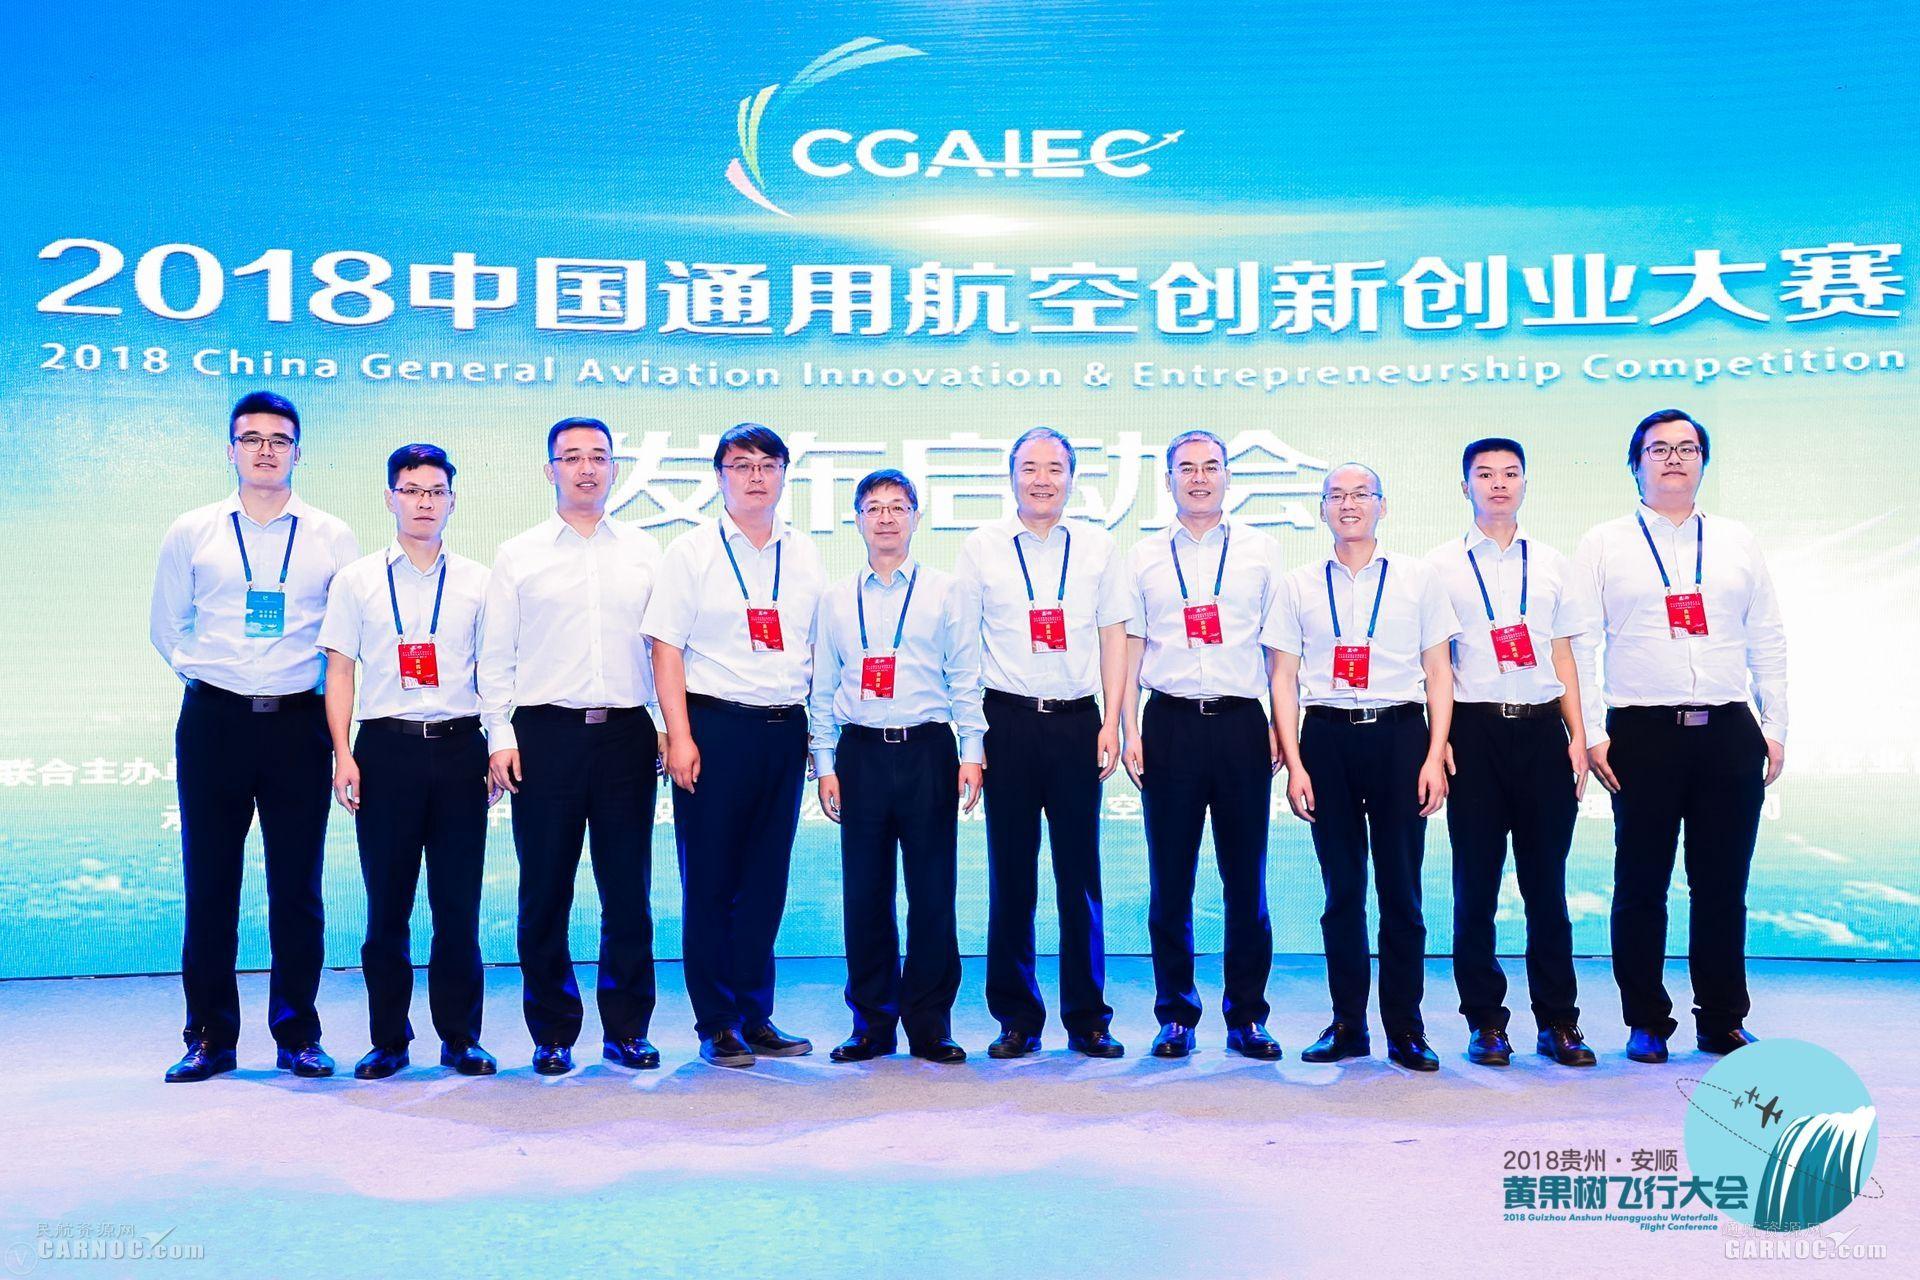 2018中国通用航空创新创业大赛正式启动